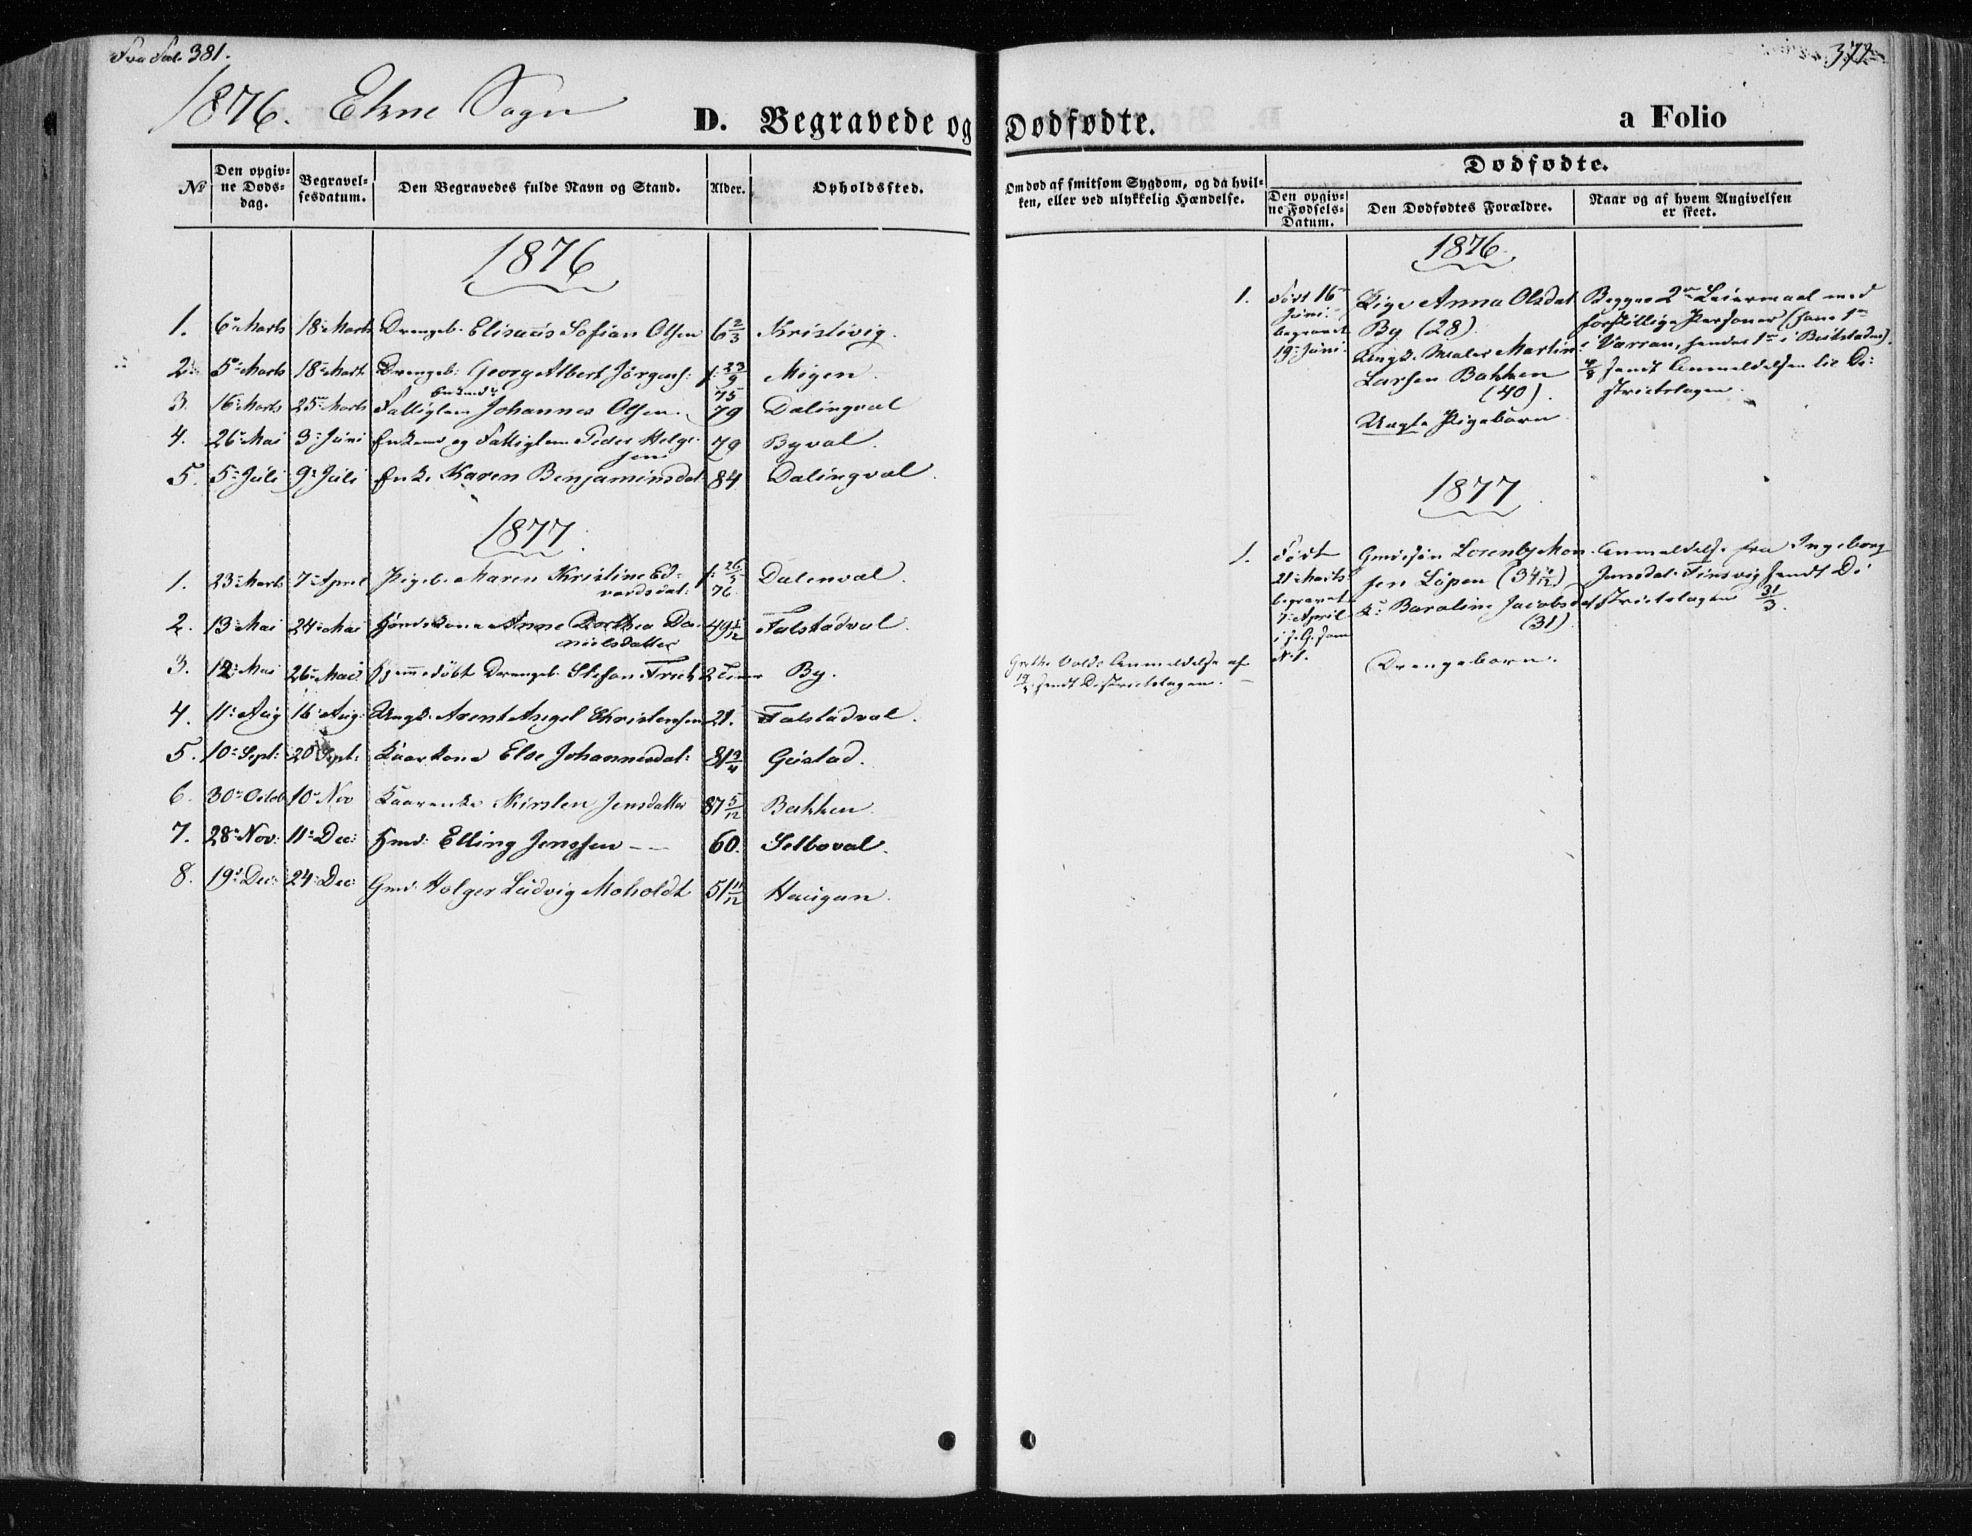 SAT, Ministerialprotokoller, klokkerbøker og fødselsregistre - Nord-Trøndelag, 717/L0158: Ministerialbok nr. 717A08 /2, 1863-1877, s. 372